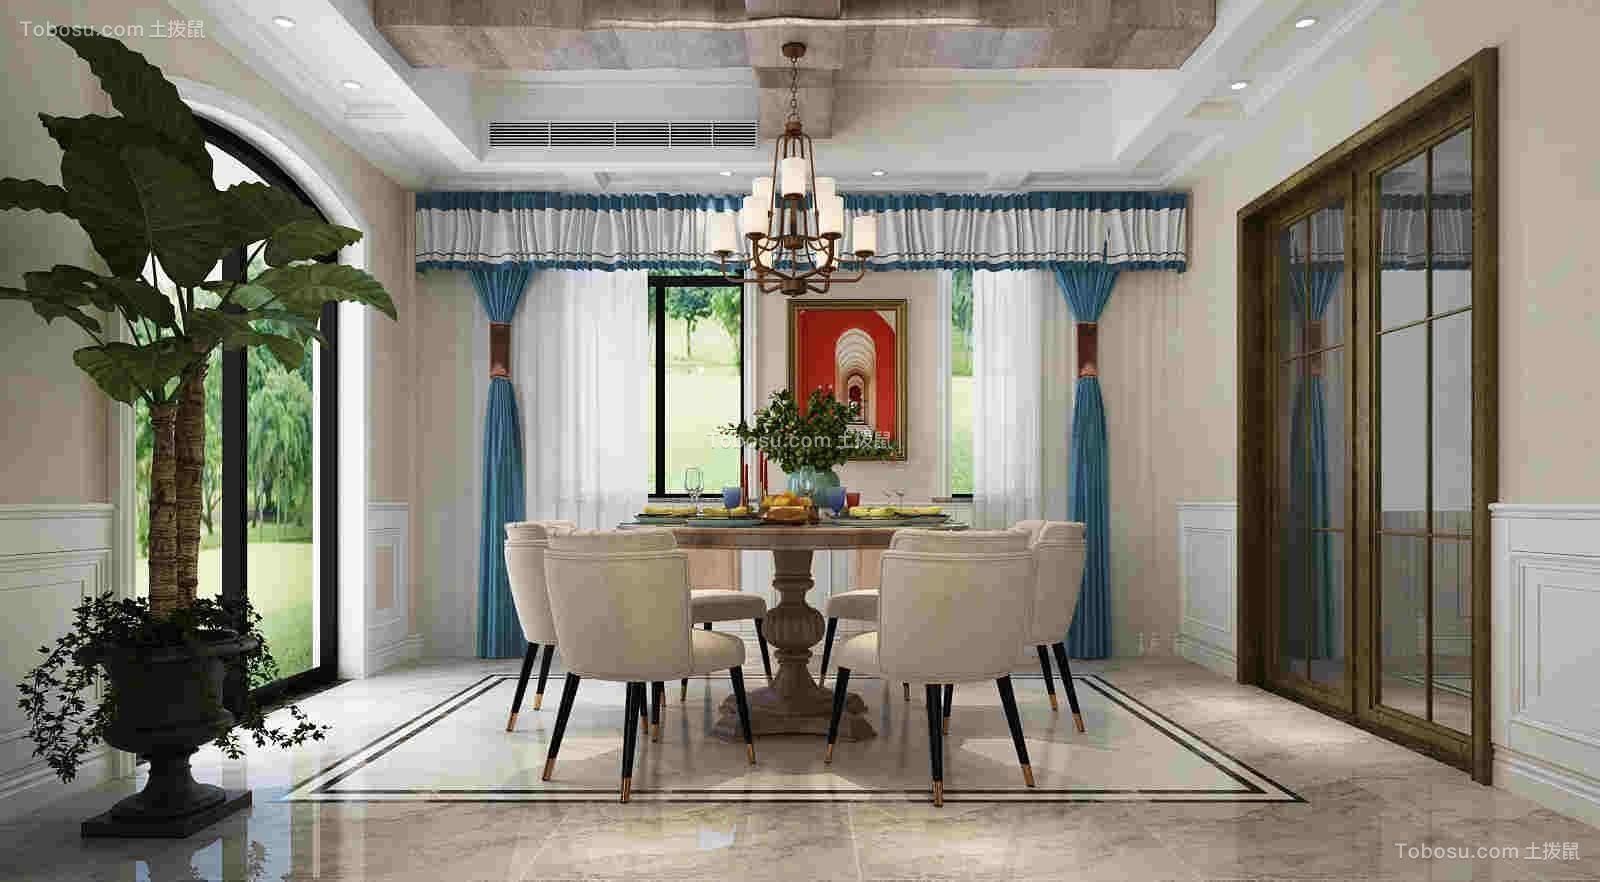 绿城桃花源独栋别墅280平四室两厅现代美式混搭风格